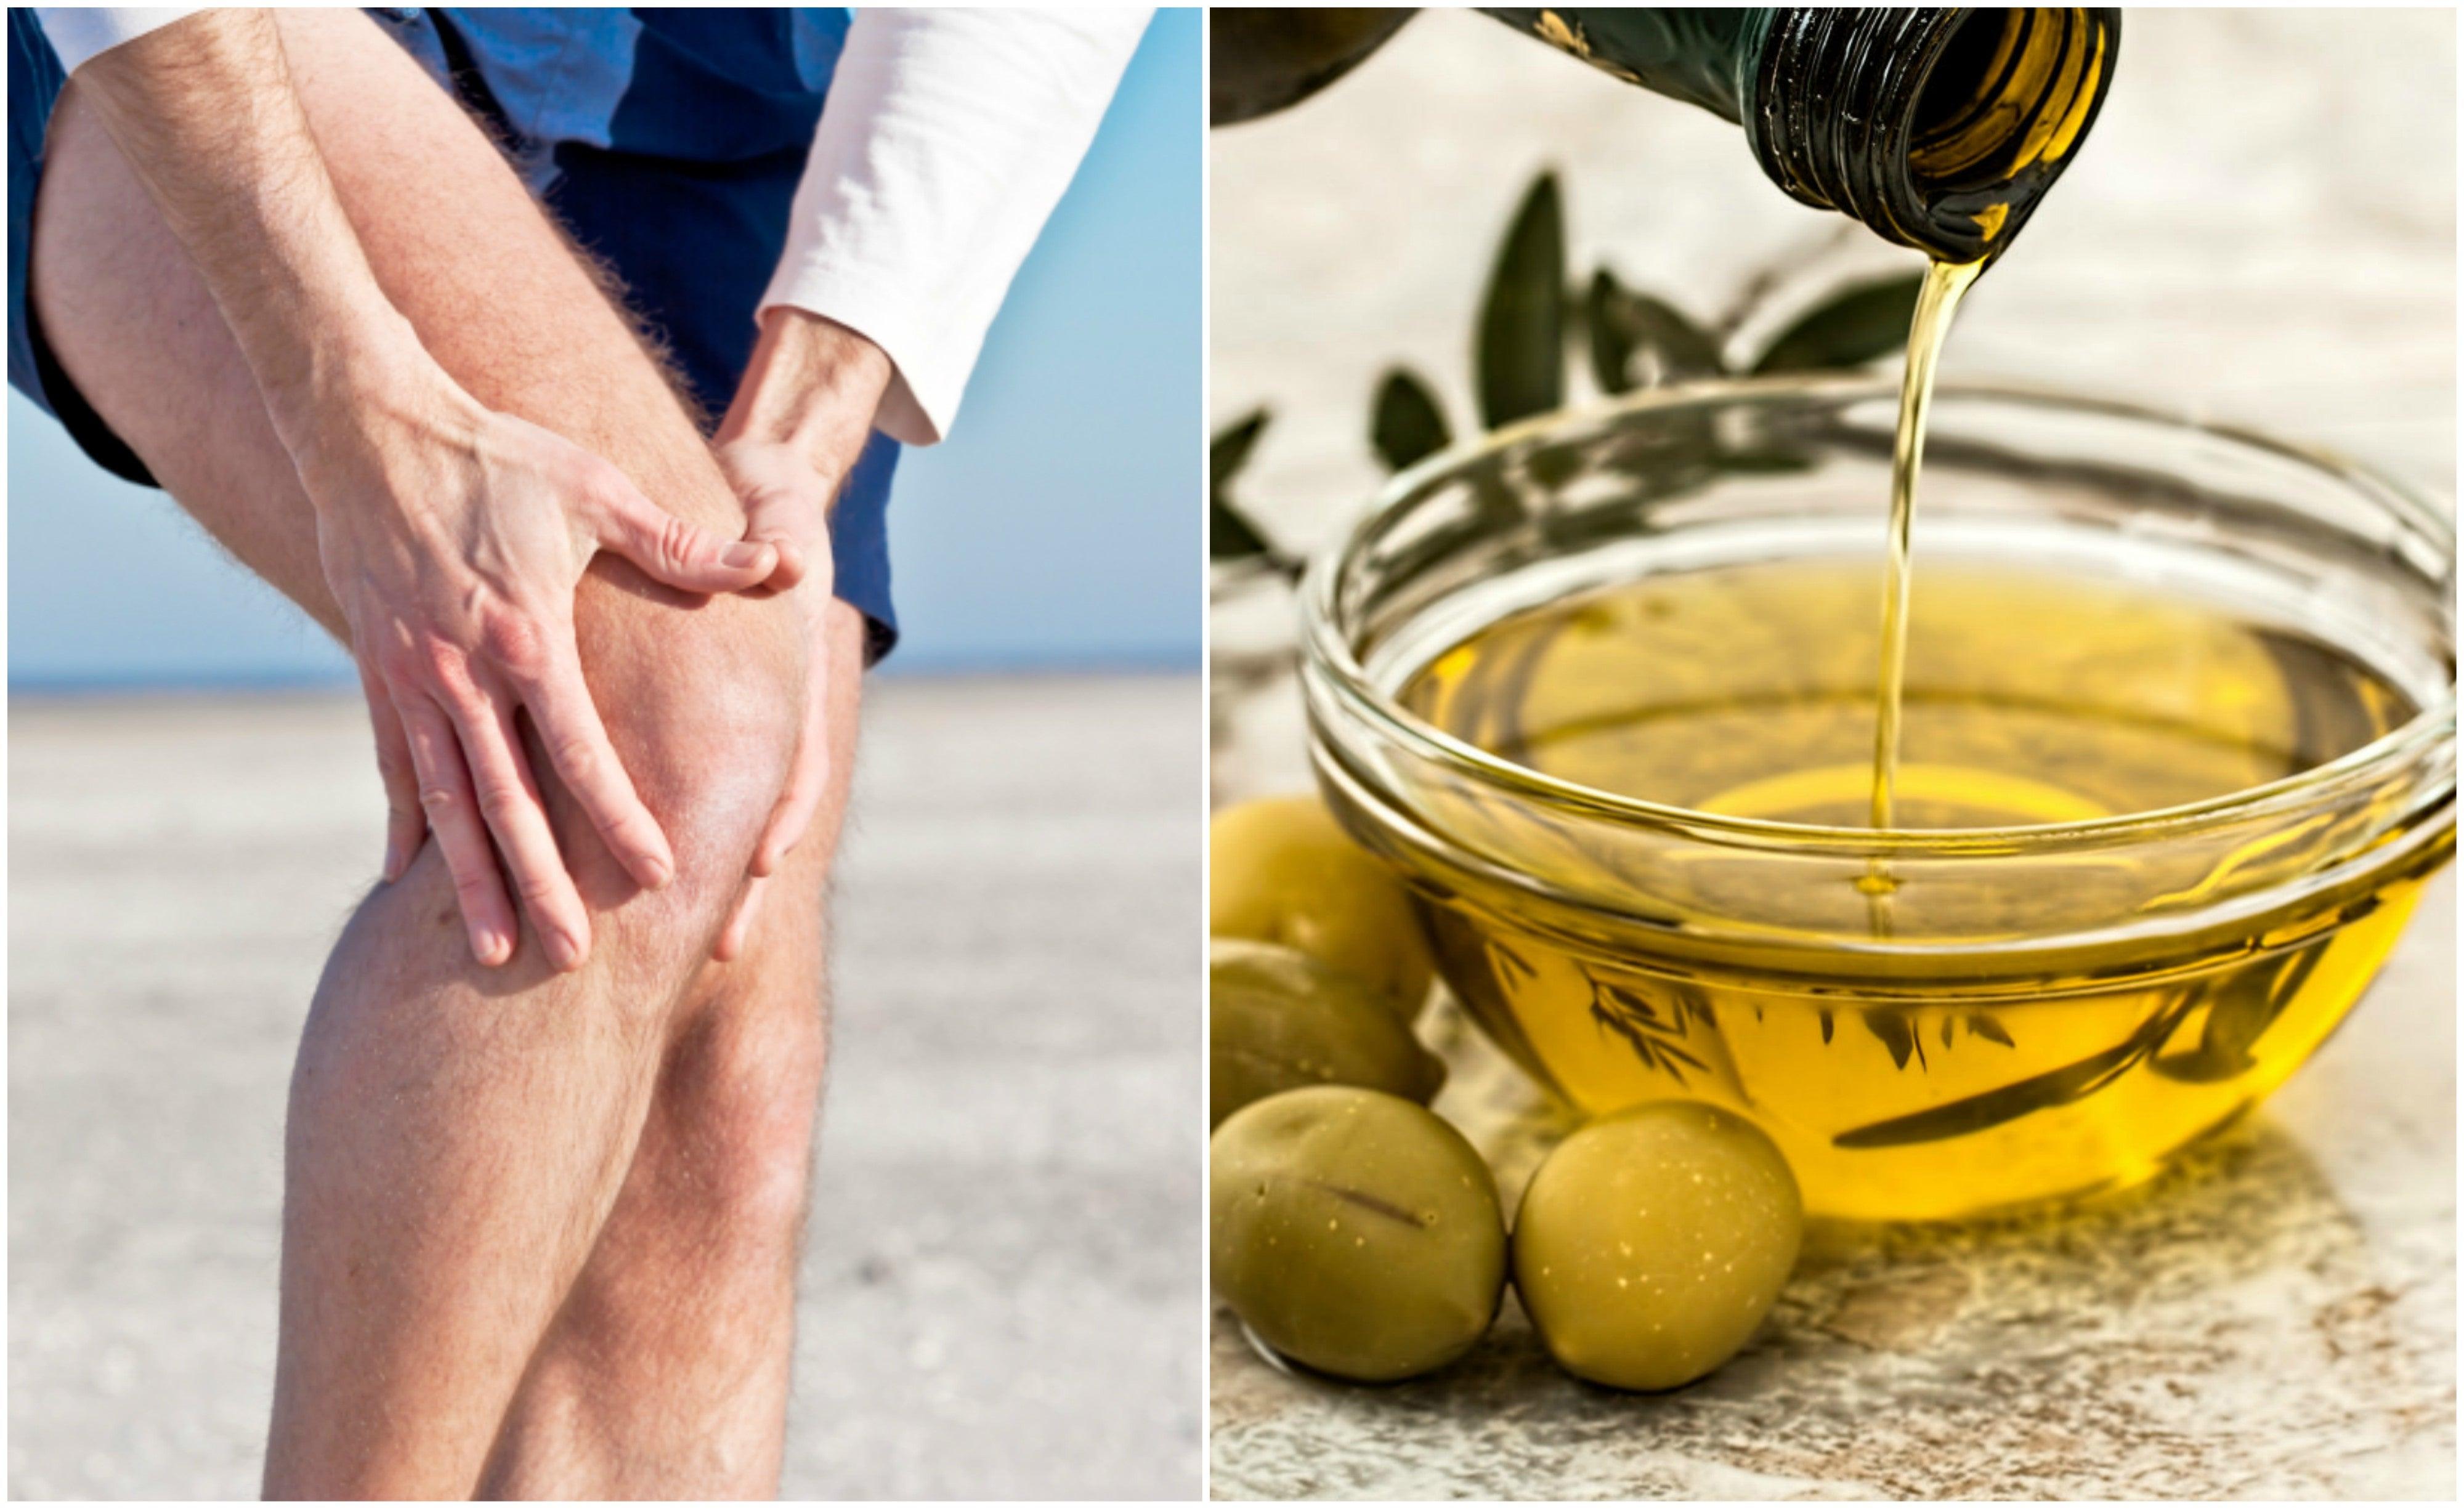 Cáscara de limón y aceite de oliva para aliviar el dolor de las articulaciones